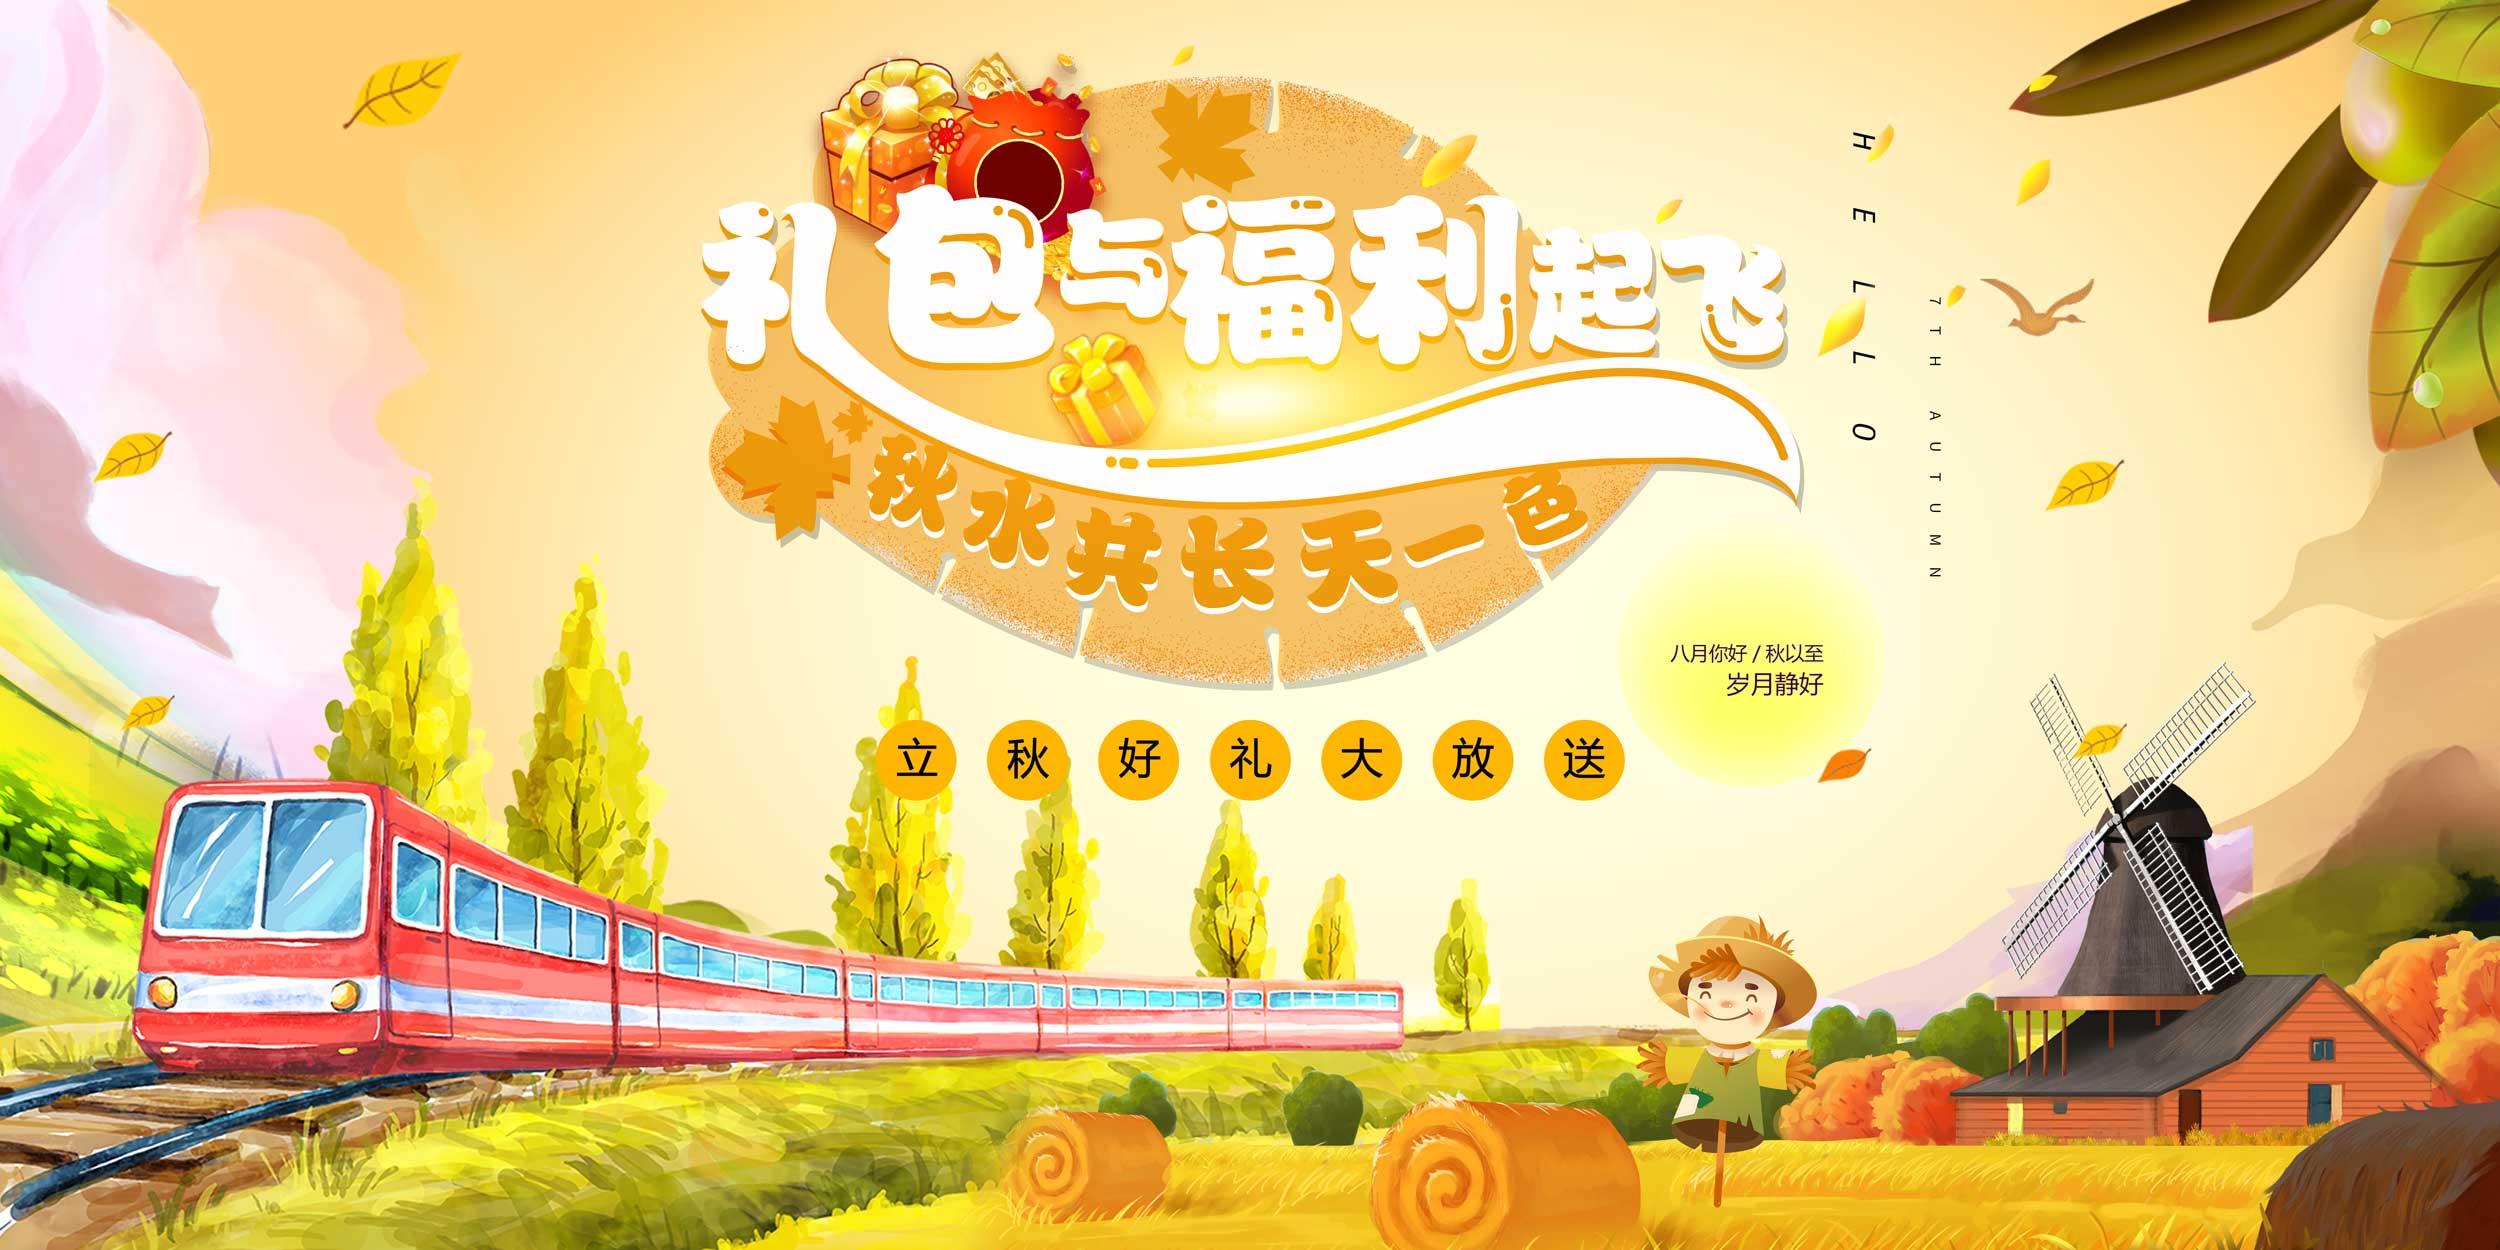 3733游戏『礼包与福利齐飞』(活动时间8月9日~8月12日)